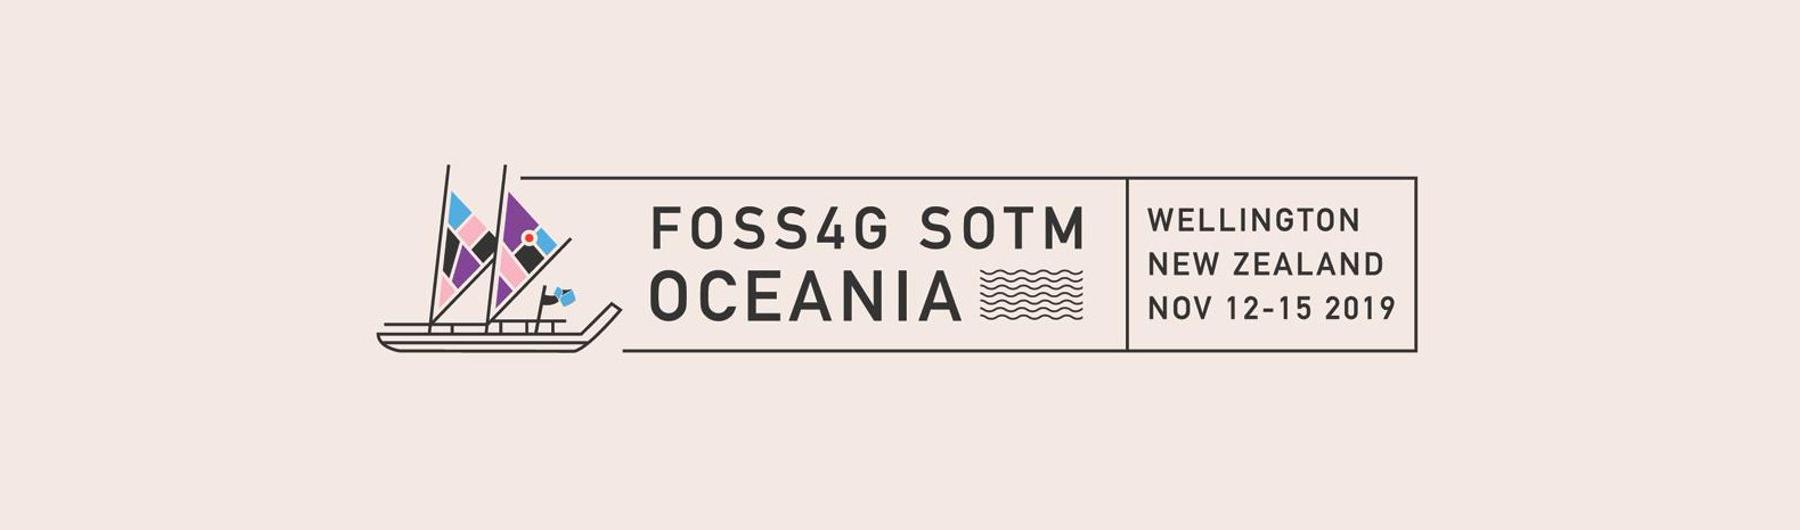 FOSS4G SotM Oceania 2019 - Workshops